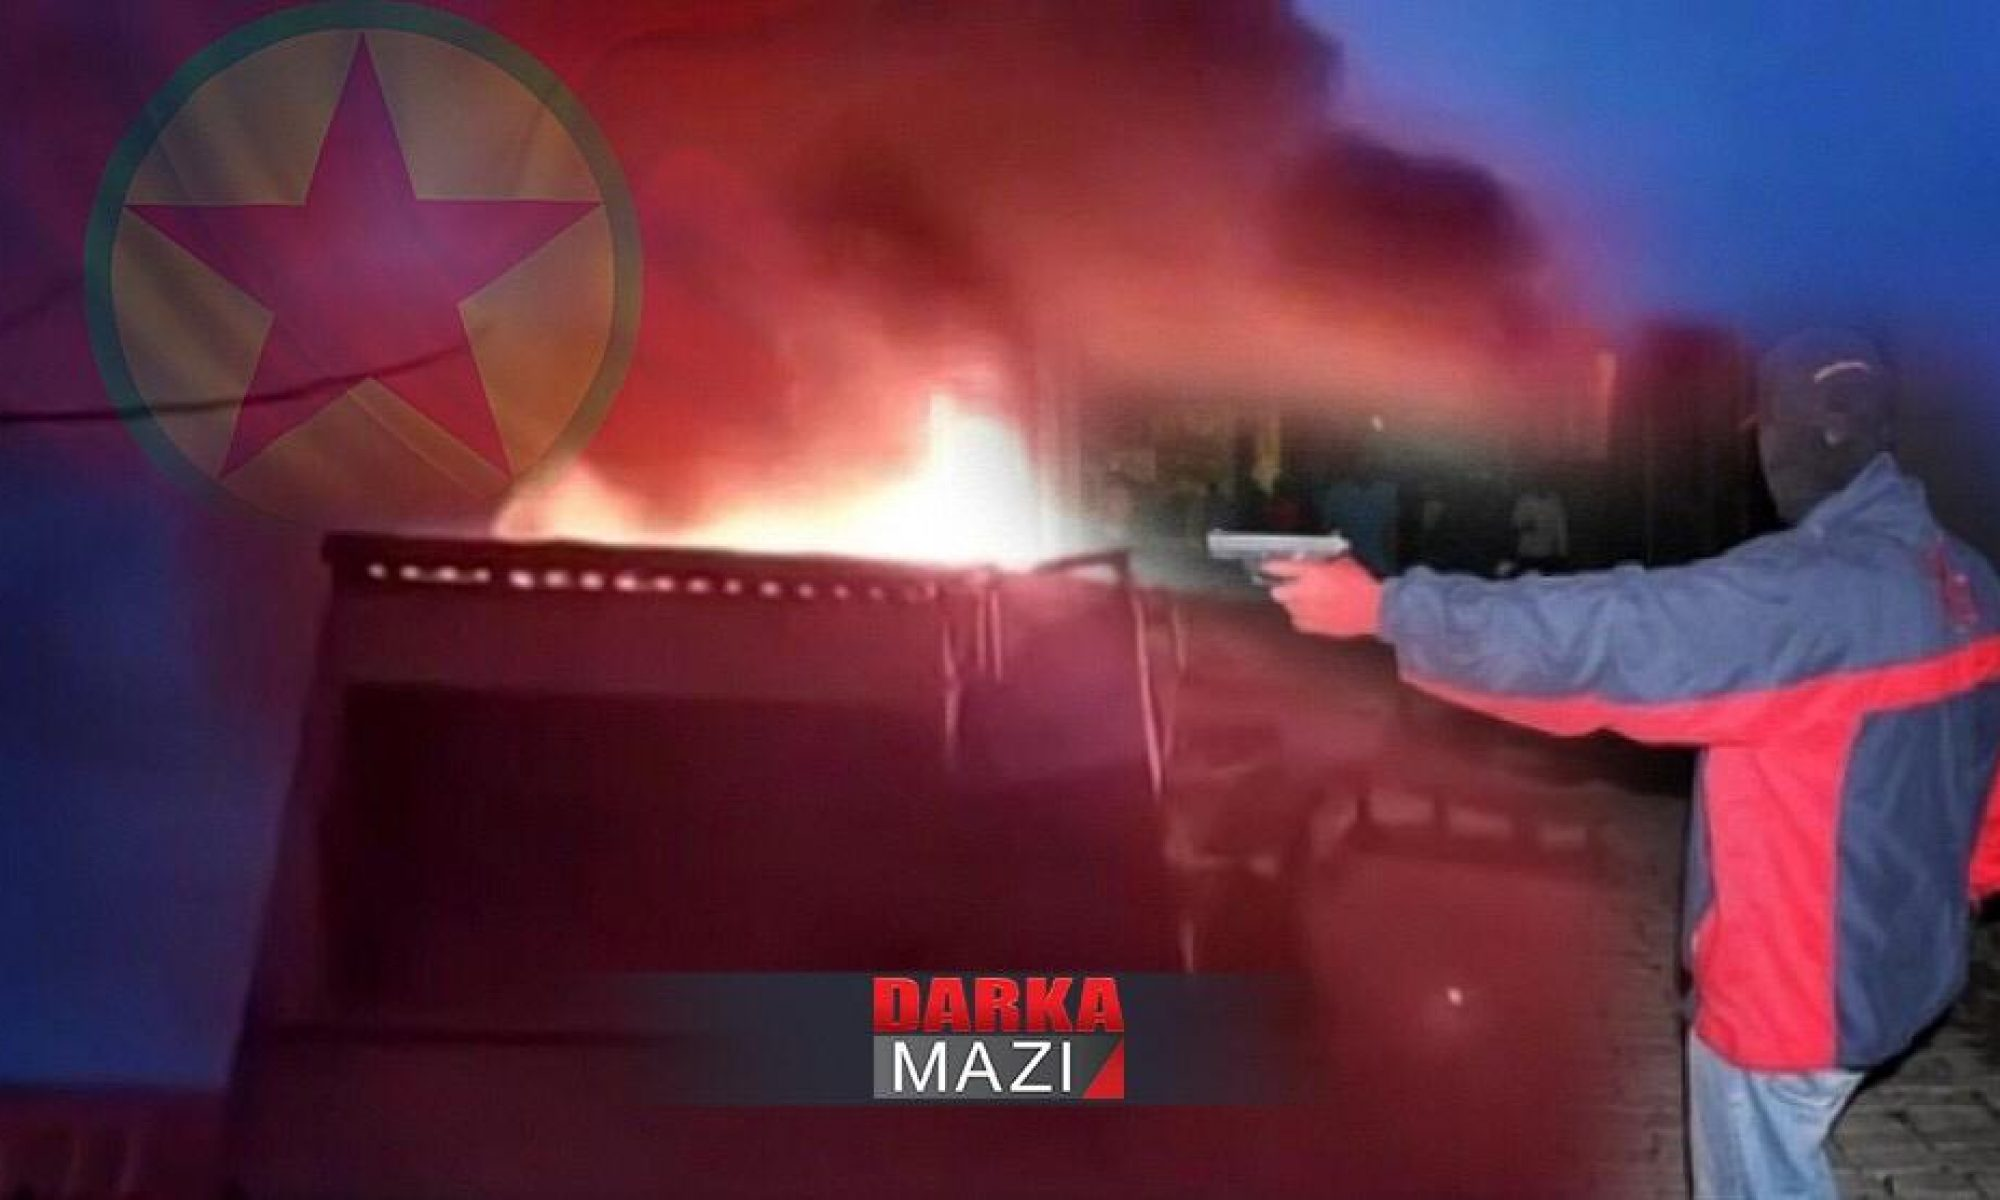 PKK'ye bağlı intikam birimleri bir iş yeri yaktı; kim yaktı, neden yaktı, faydası var mı?